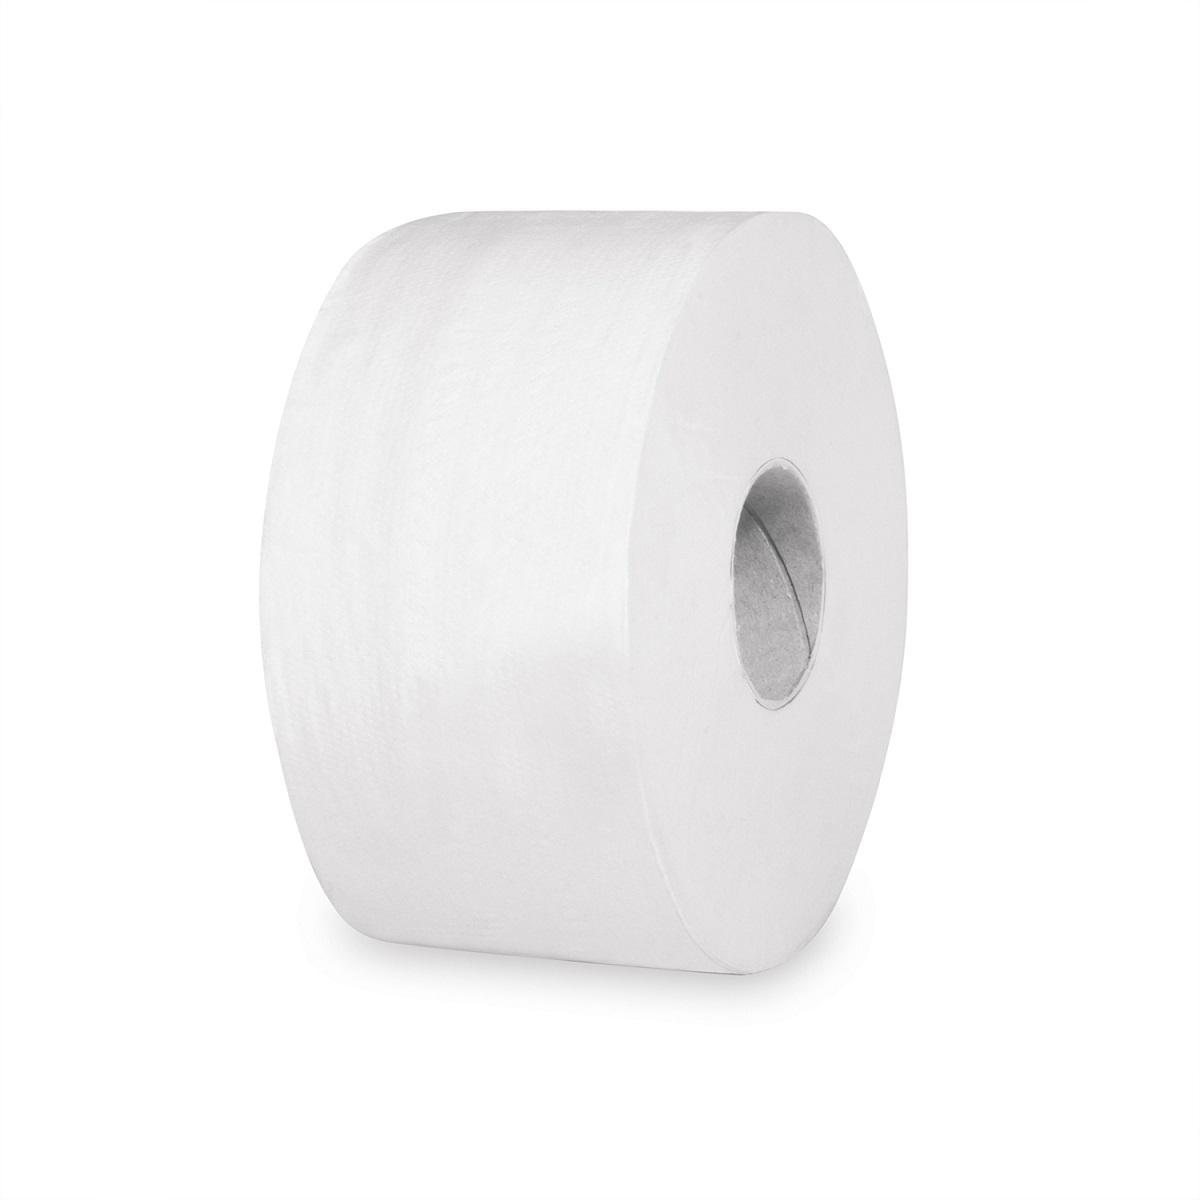 Toaletný papier tissue JUMBO 2-vrstvý 19 cm,100m (6ks)